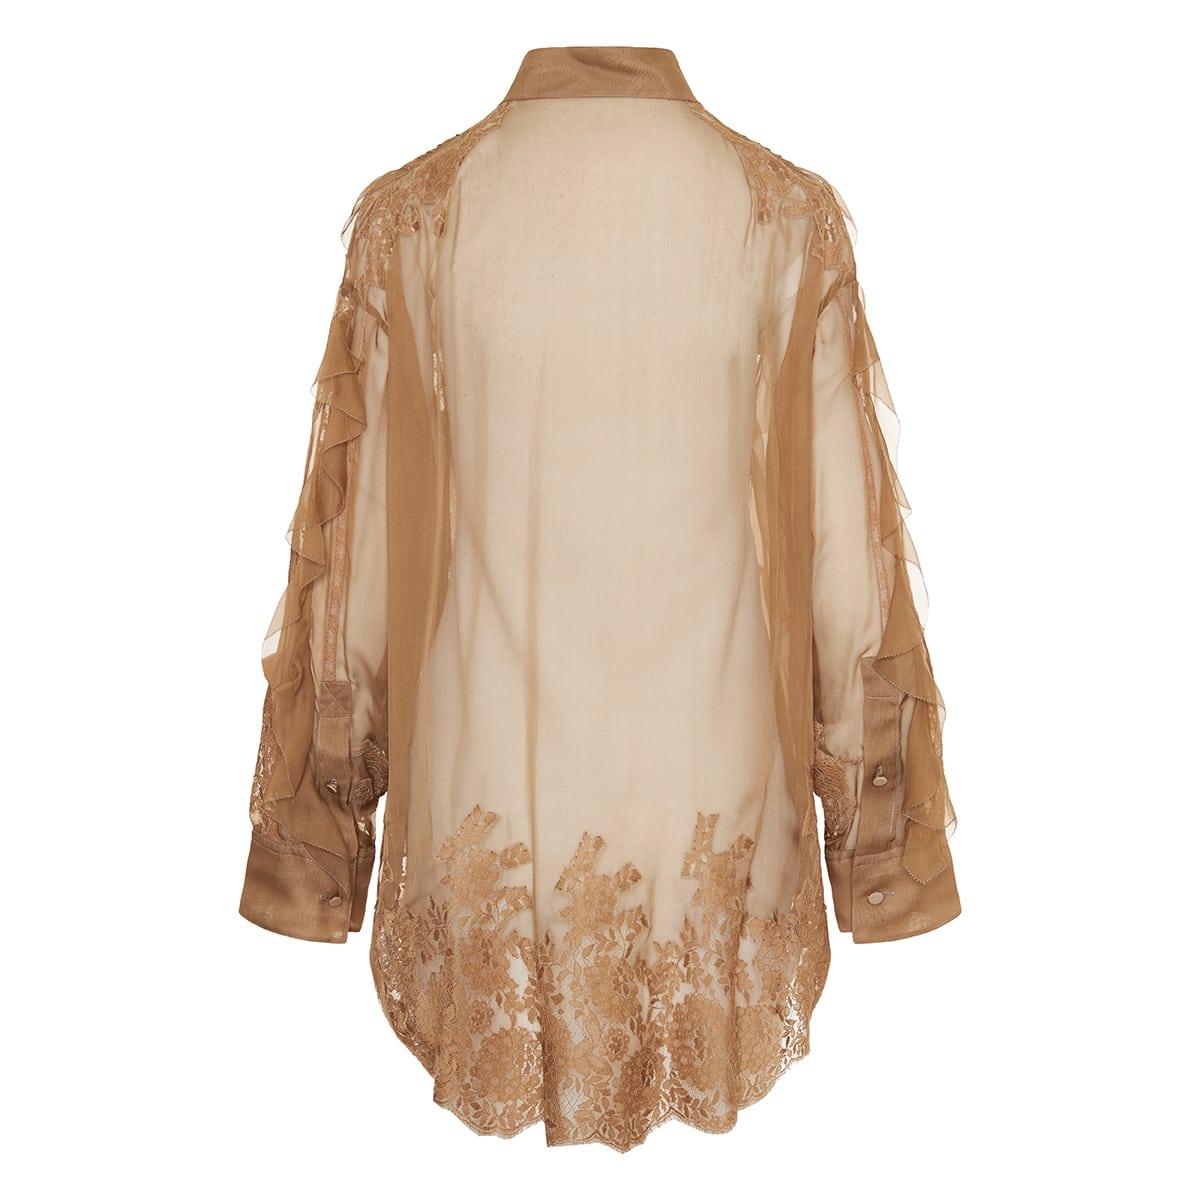 Lace-paneled ruffled chiffon shirt